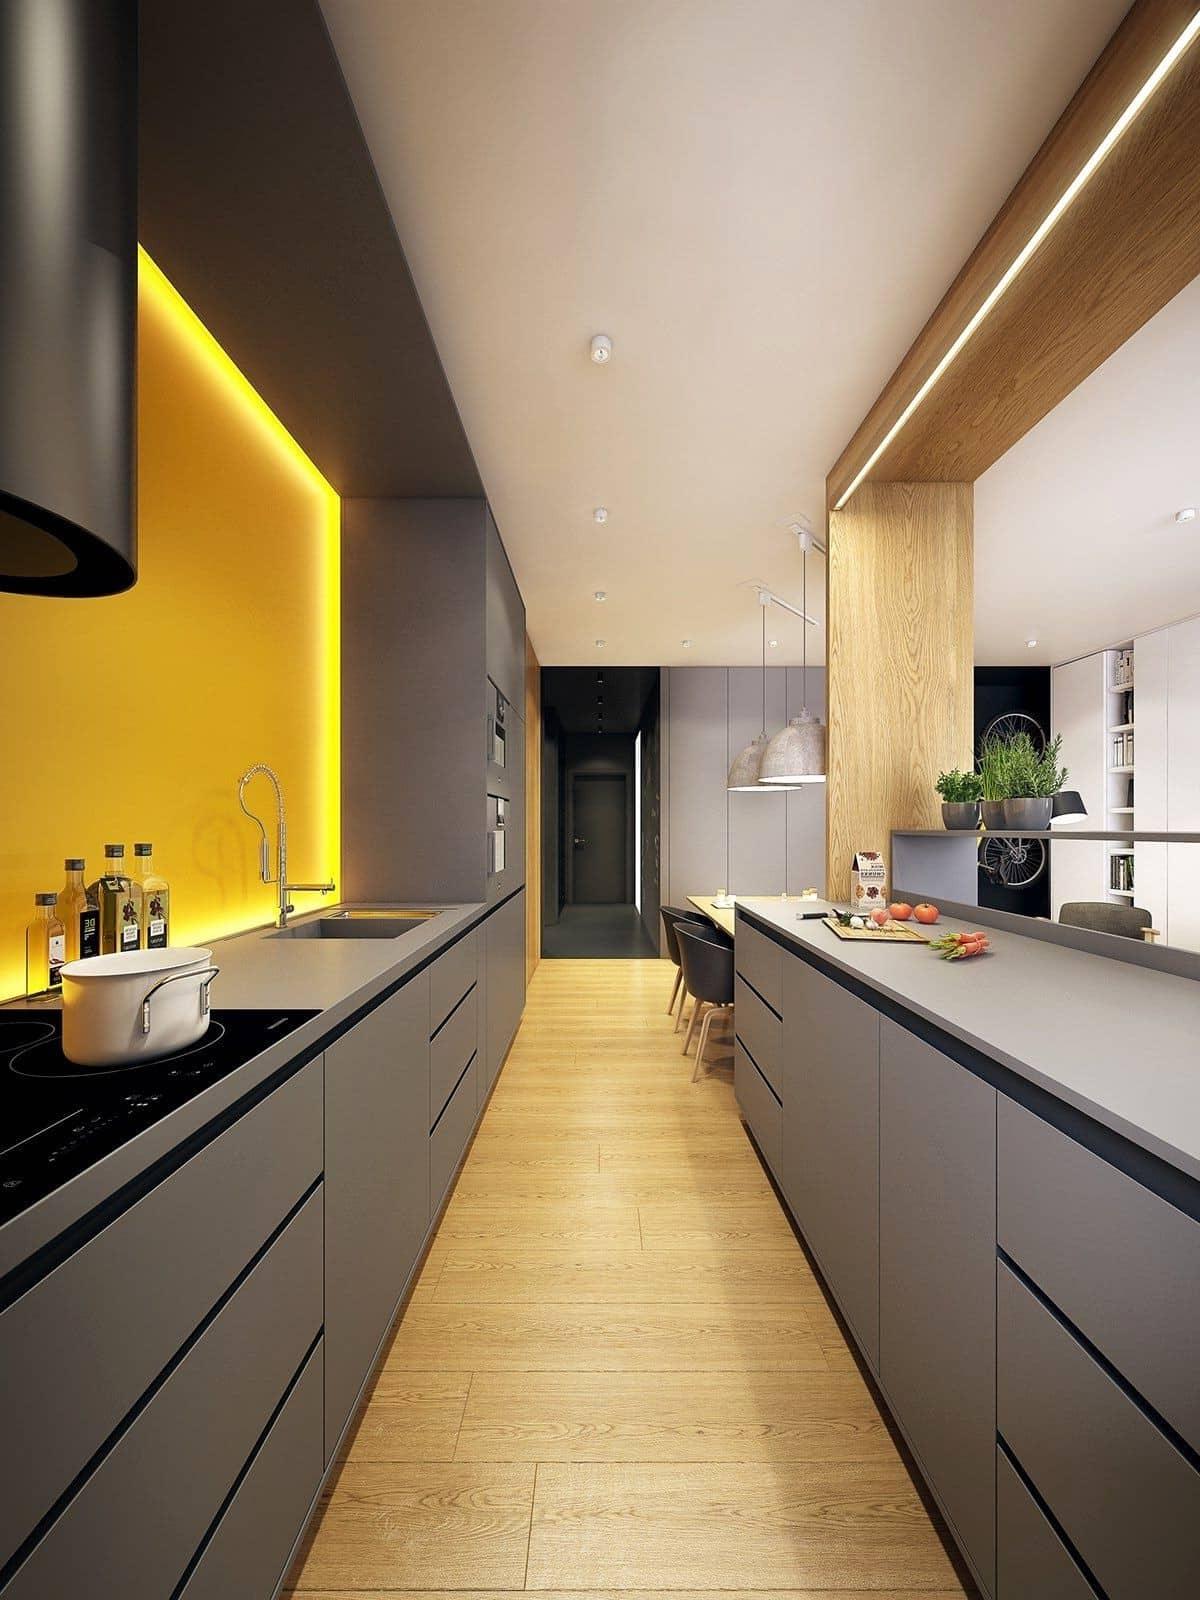 Стильная, современная кухня в серых тонах с хорошо организованной рабочей зоной